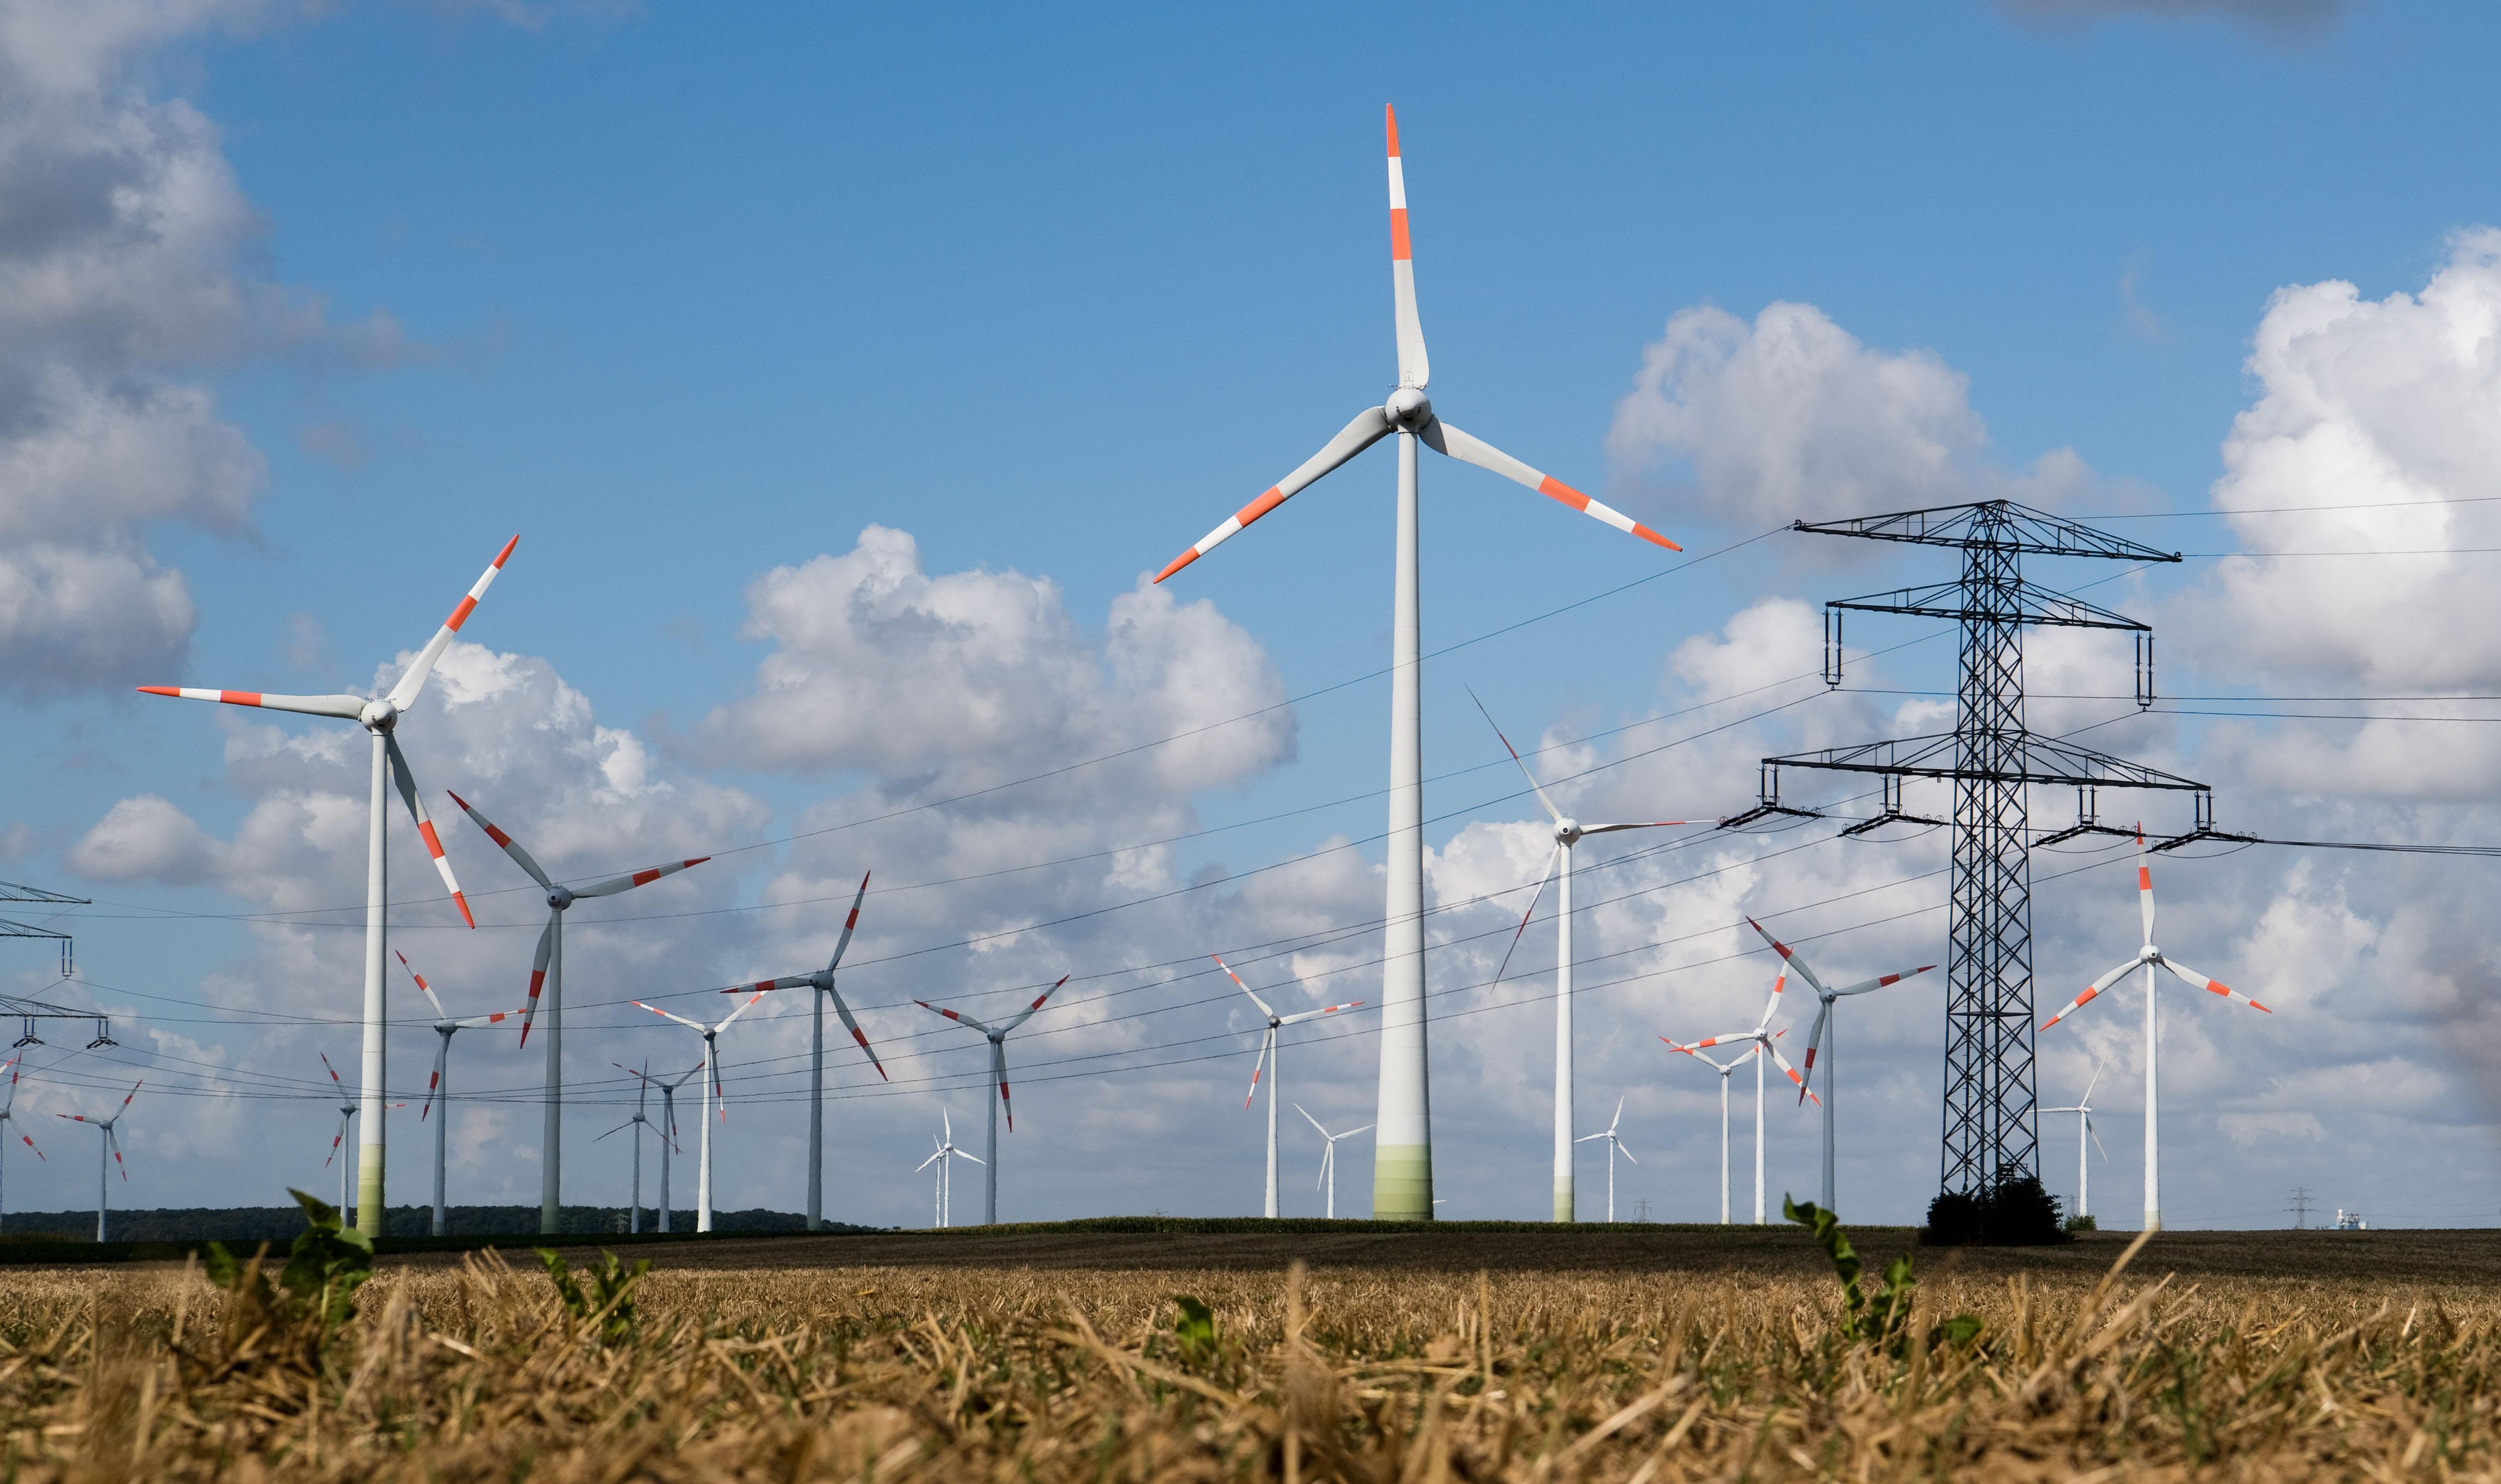 A magyar kormánynak annyira fontos a klímavédelem, hogy továbbra is ellehetetleníti a szélerőművek-építését